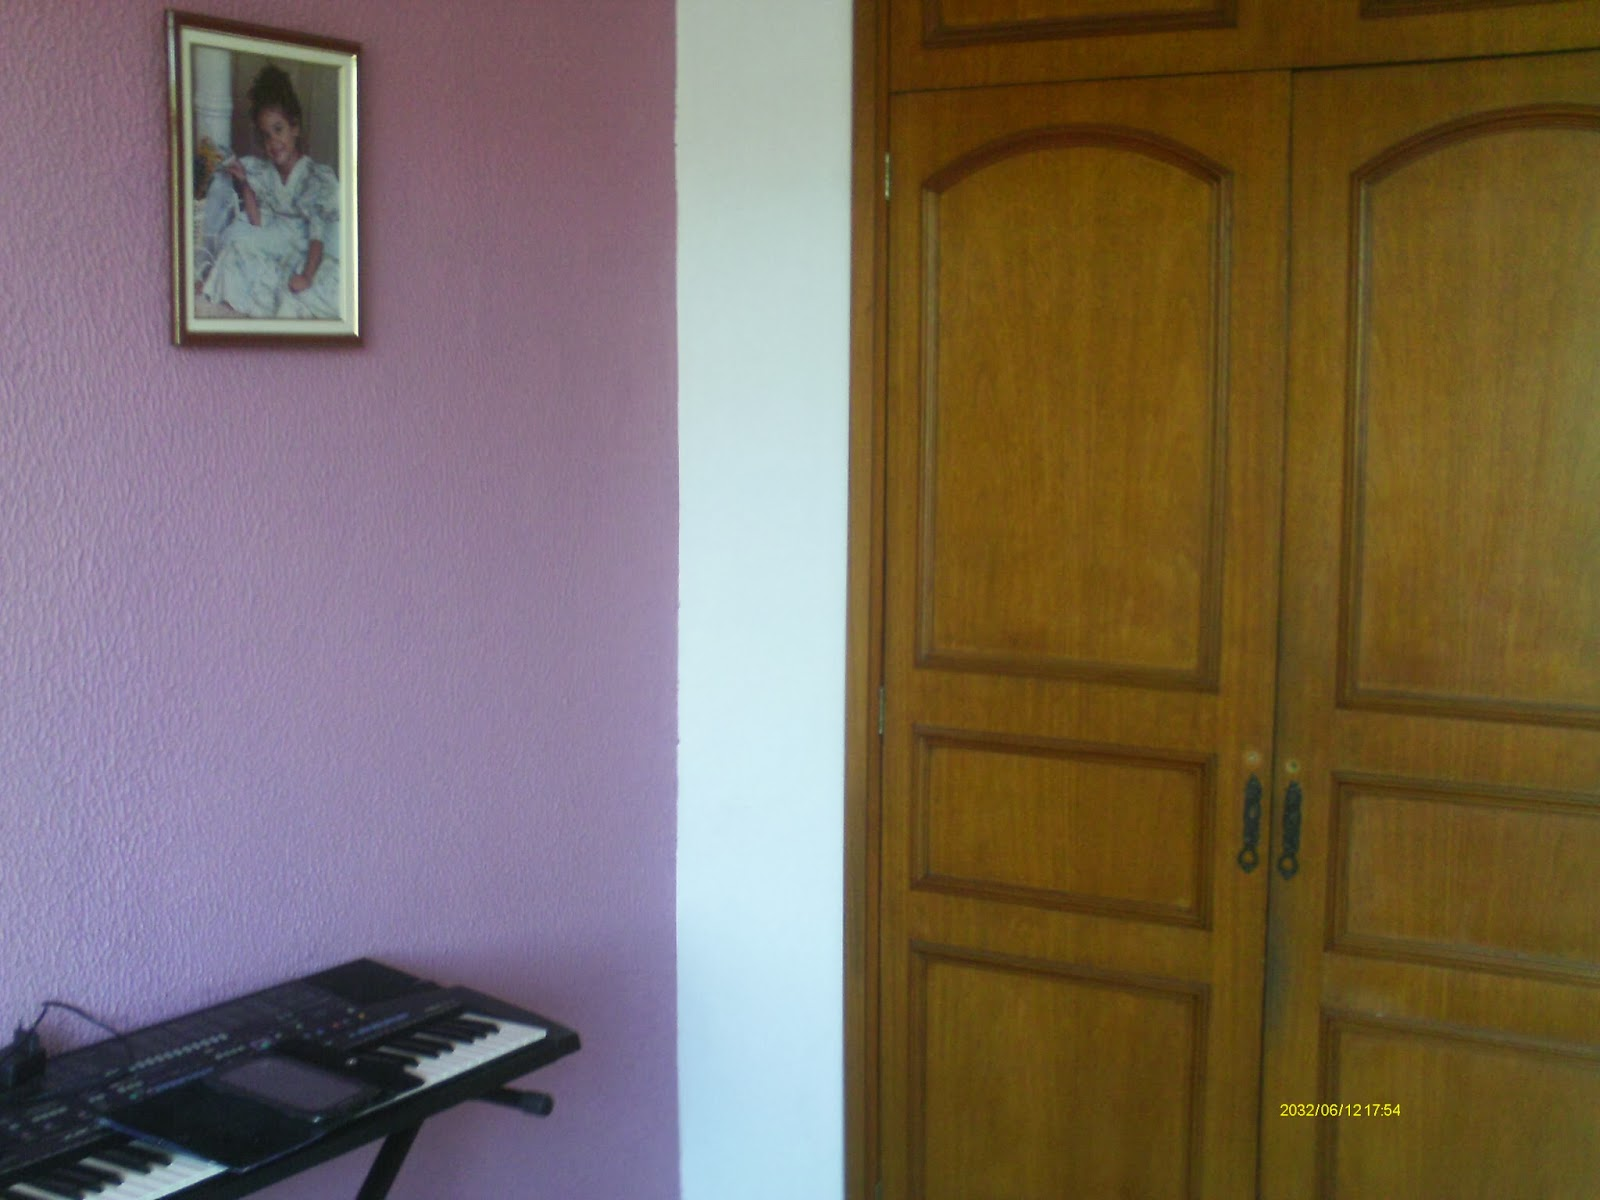 Imagens de #664914 Casa Cocotá Ilha do Governador Avelino Freire Imóveis 1600x1200 px 2886 Box Banheiro Ilha Do Governador